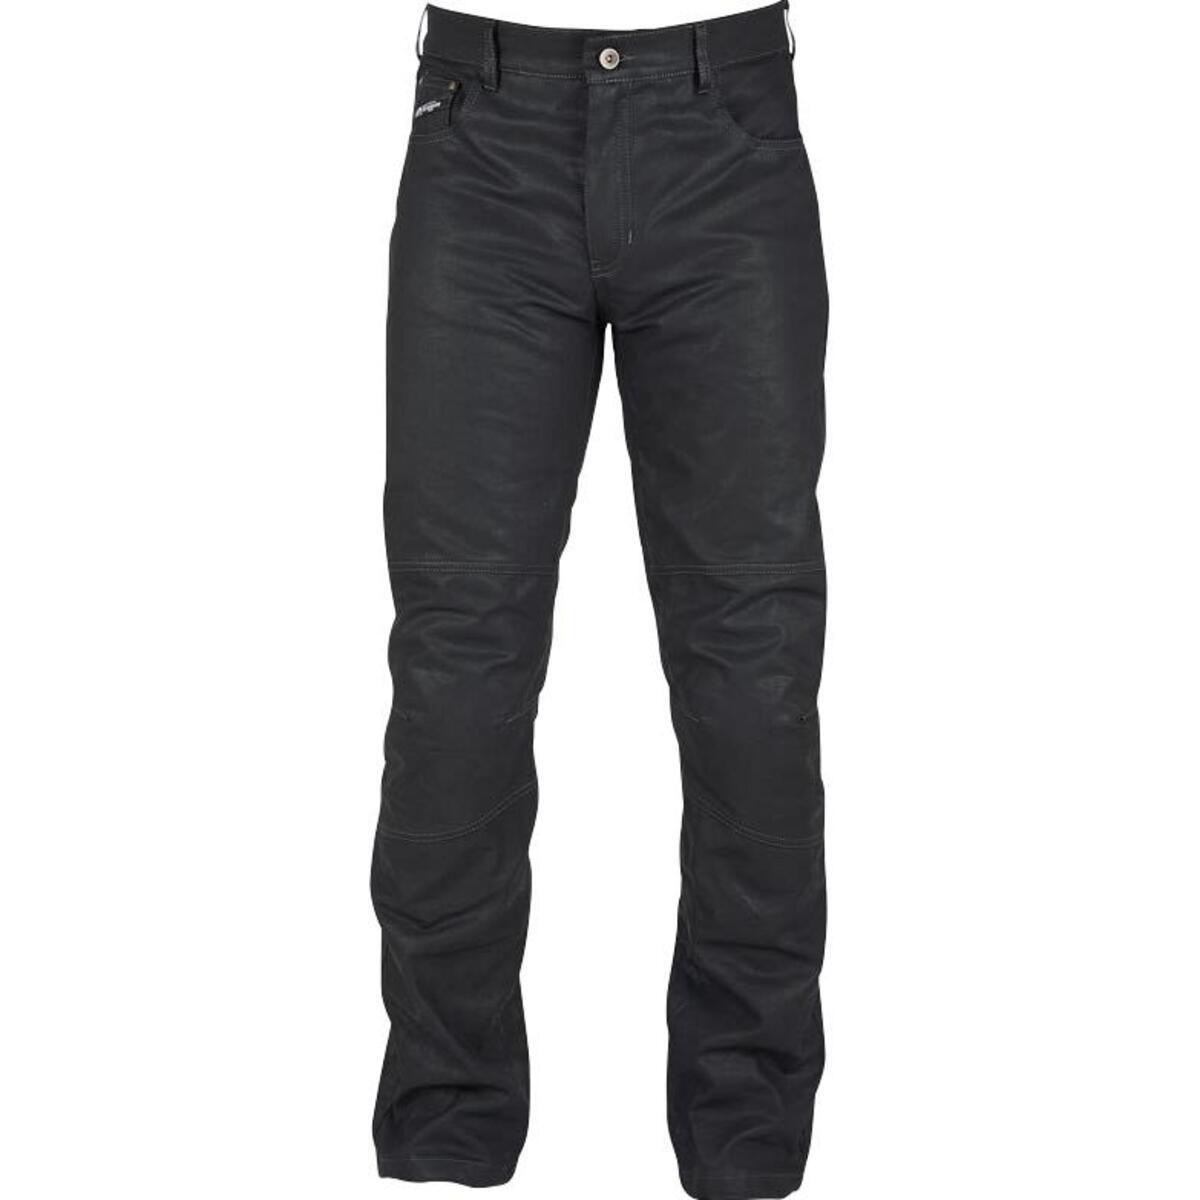 Bild 2 von Furygan Jeans D02 Oil schwarz Herren Größe 46